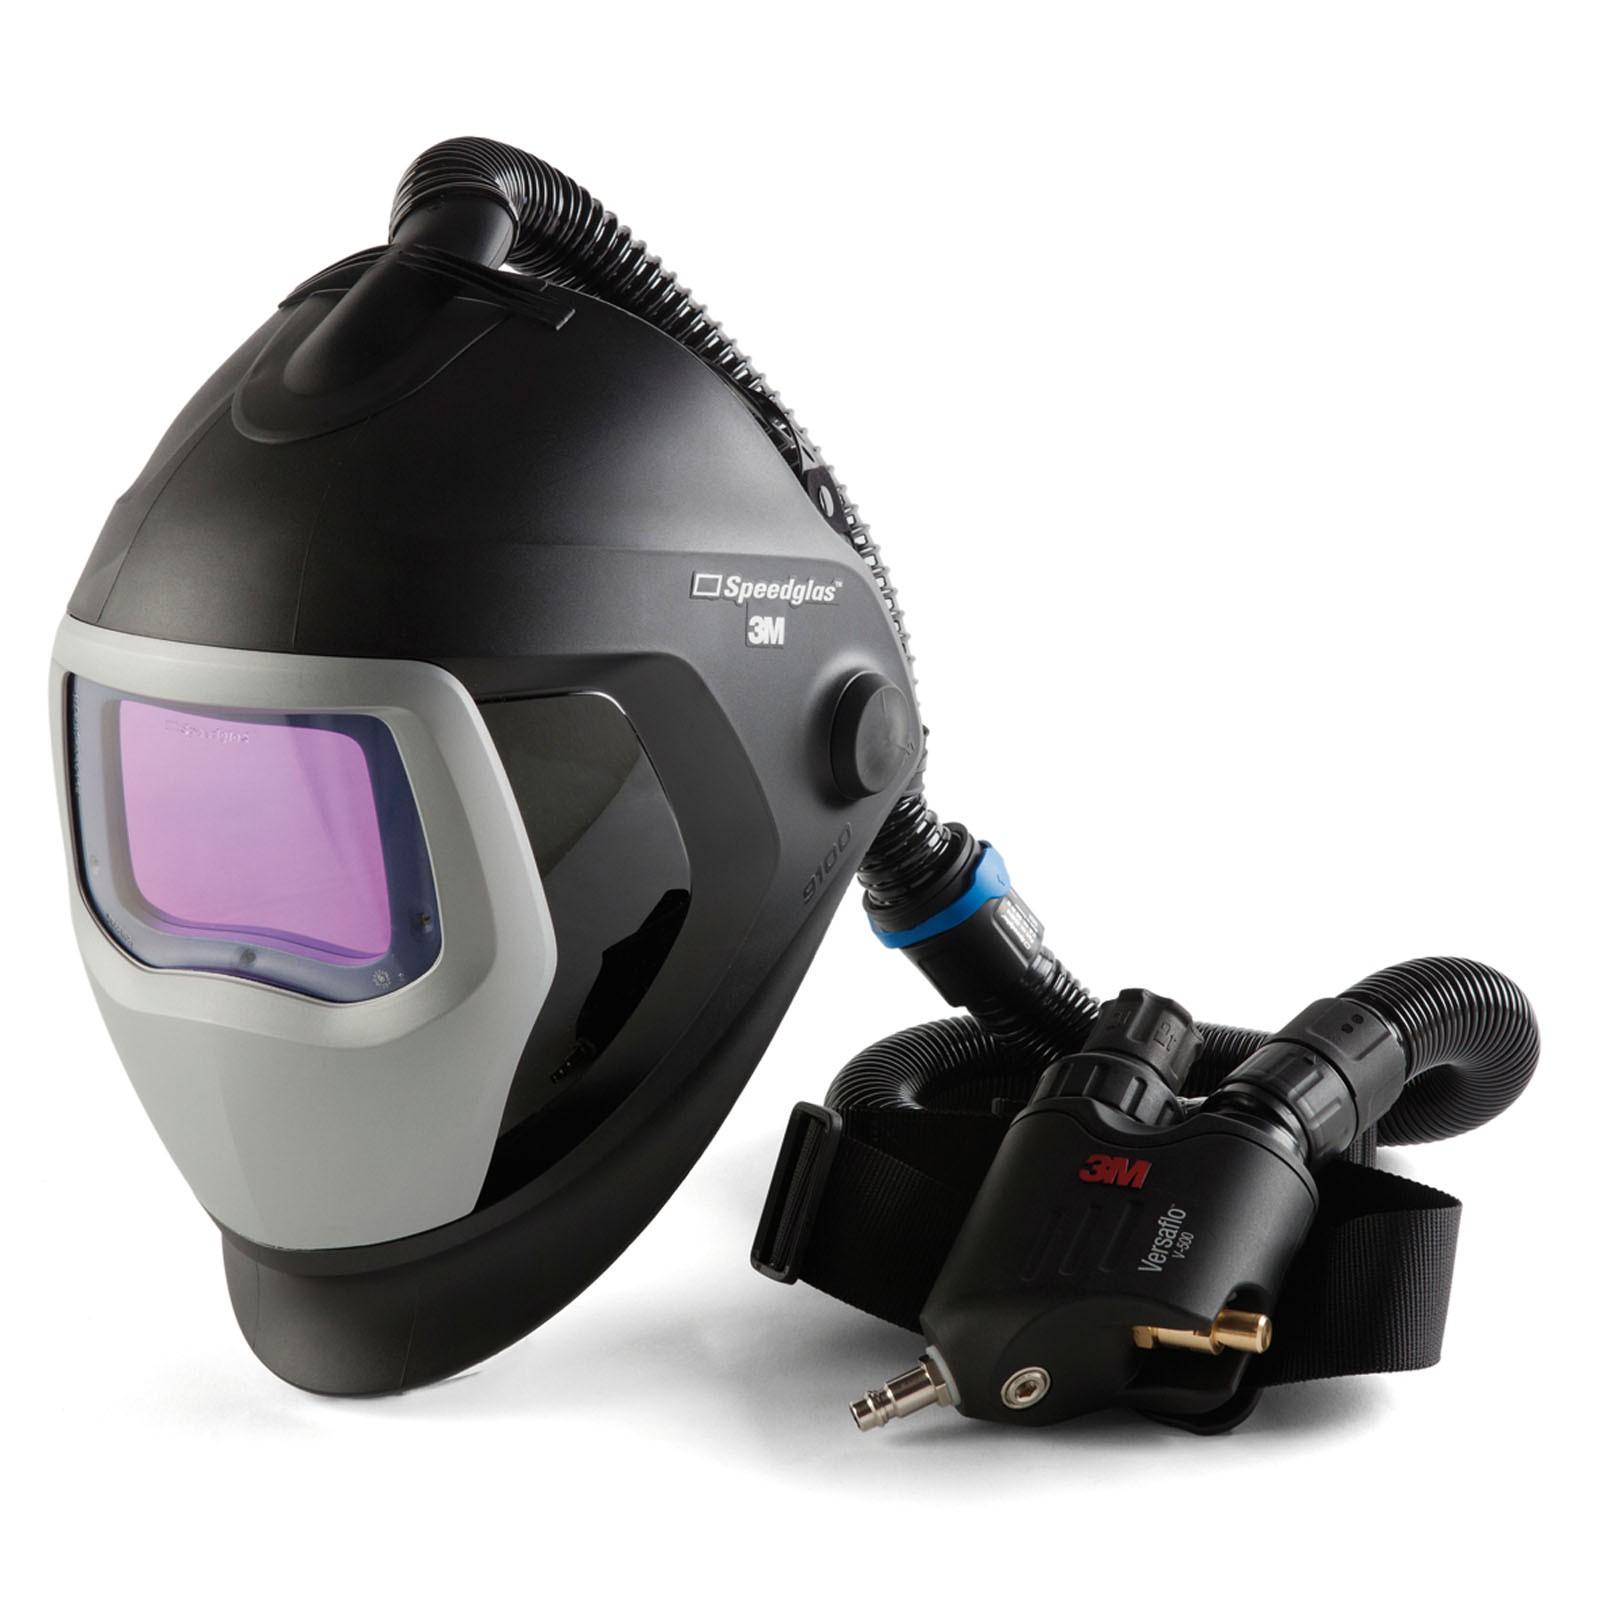 speedglas 9100 air schwei maske von speedglas. Black Bedroom Furniture Sets. Home Design Ideas